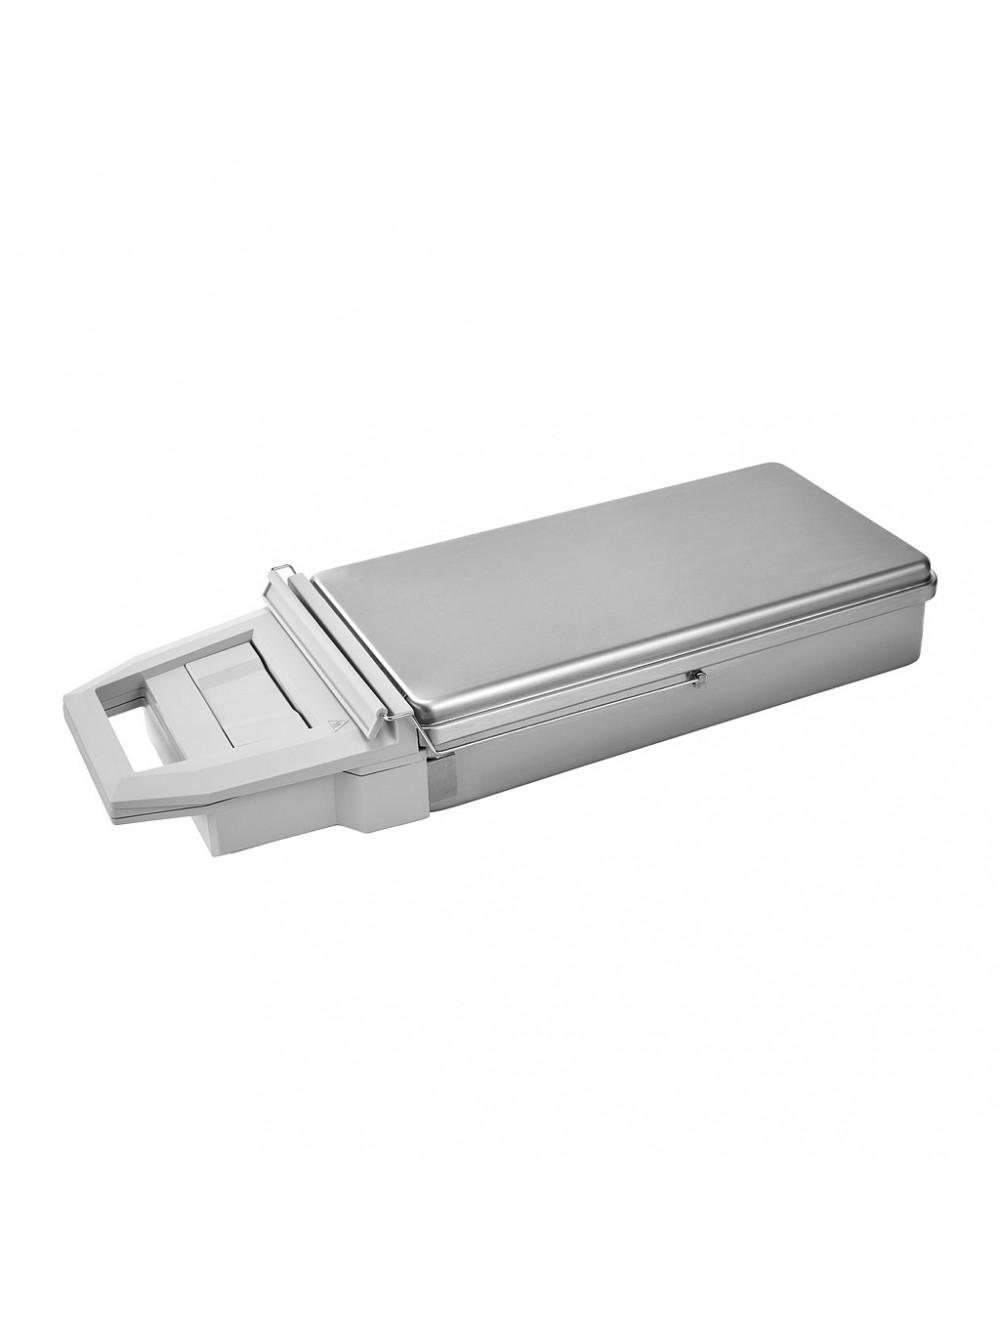 Das Produkt SciCan Erweiterte Kassette komplett für STATIM 5000 G4-Cloud 01-112509S aus dem Global-dent online shop.